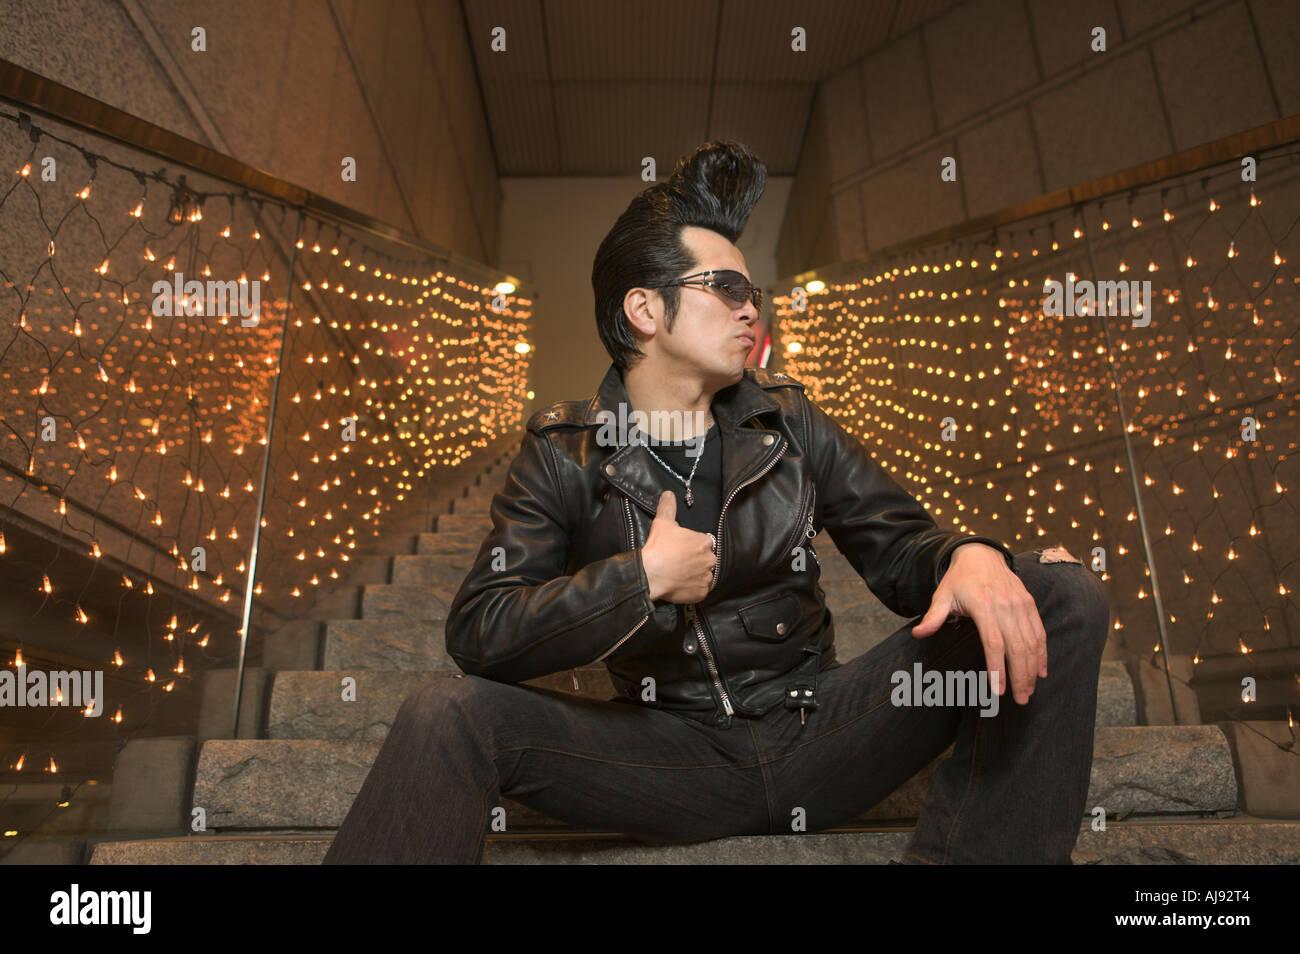 84b6ecaf7bd0 Uomo seduto sui gradini vestito di rock and roll outfit Tokyo Giappone ...